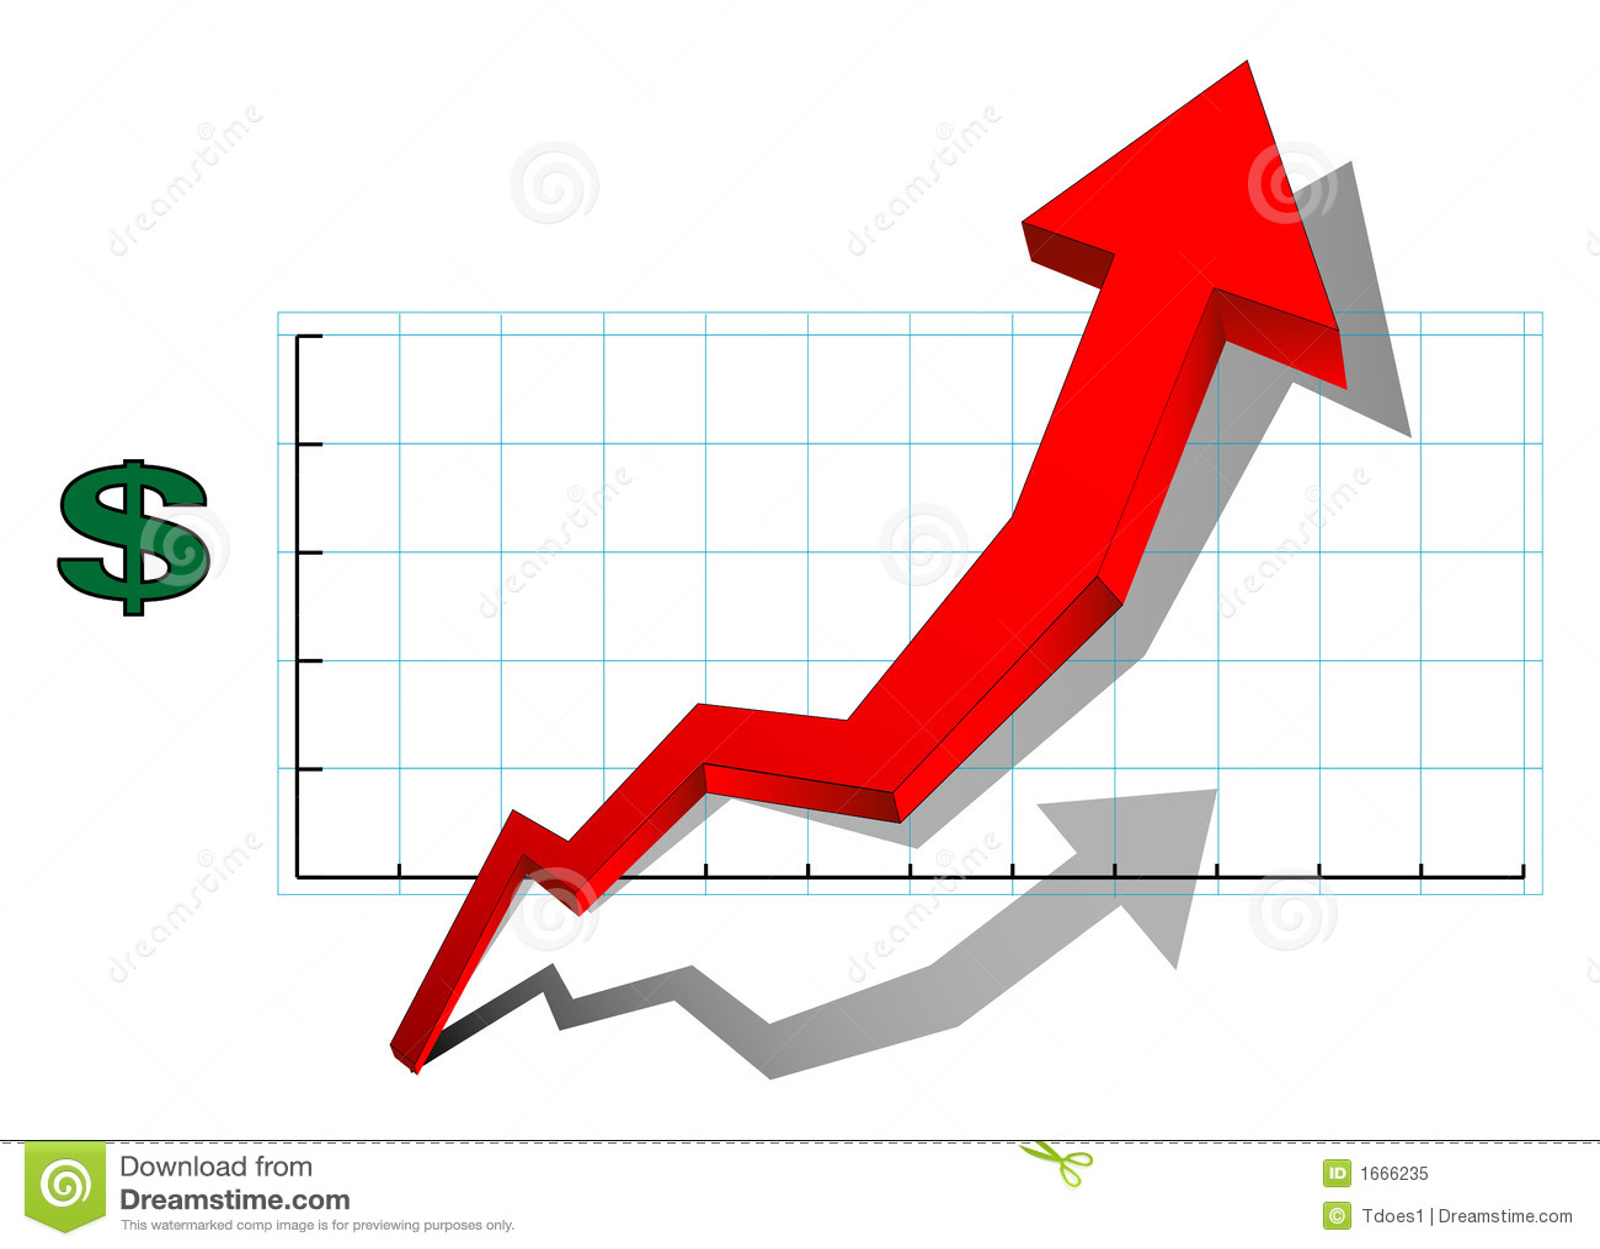 de-grafiek-van-de-verkoop-1666235.jpg